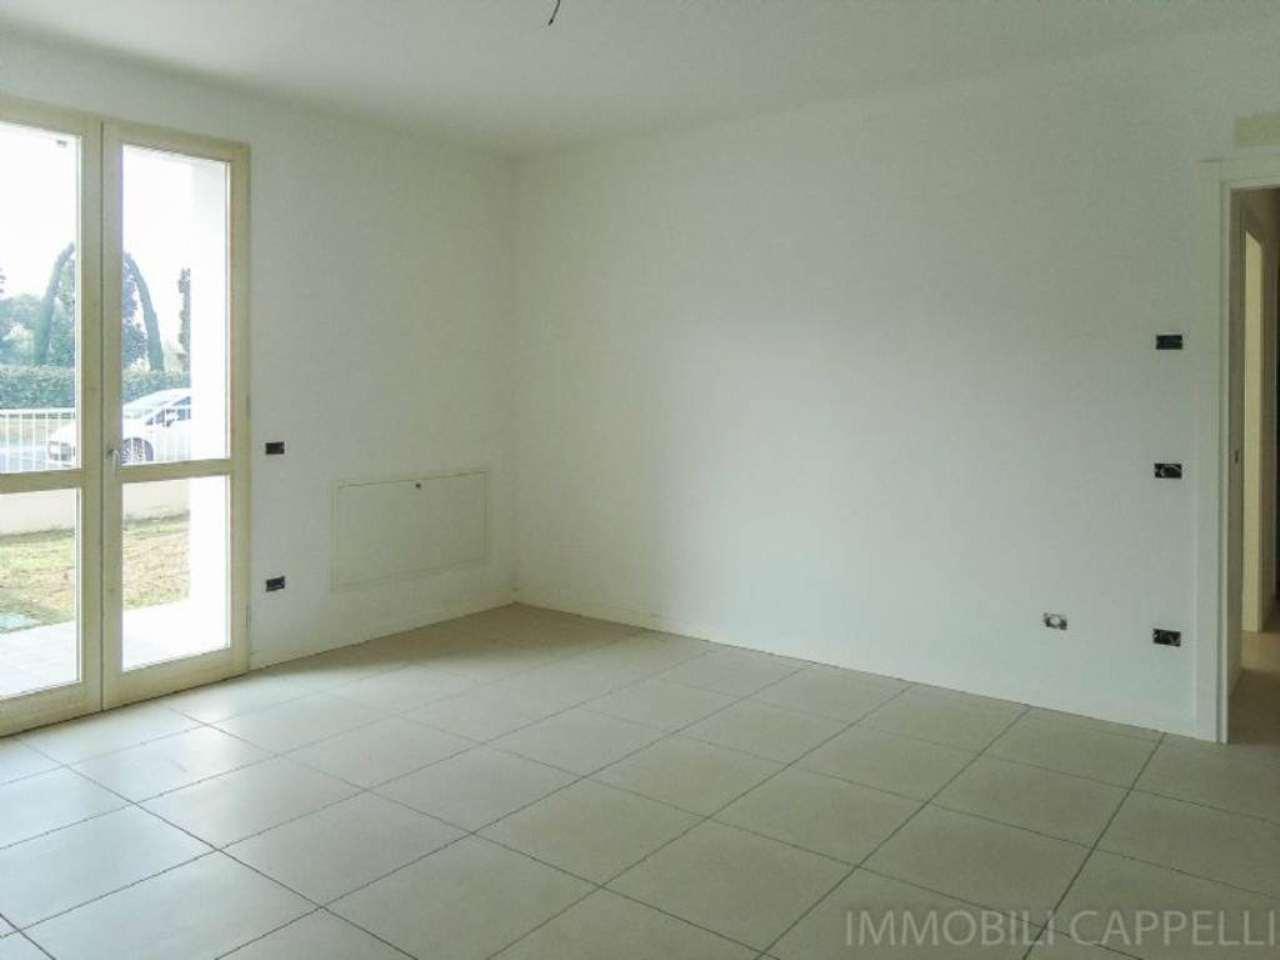 Appartamento in vendita a Cesena, 3 locali, prezzo € 192.000 | CambioCasa.it